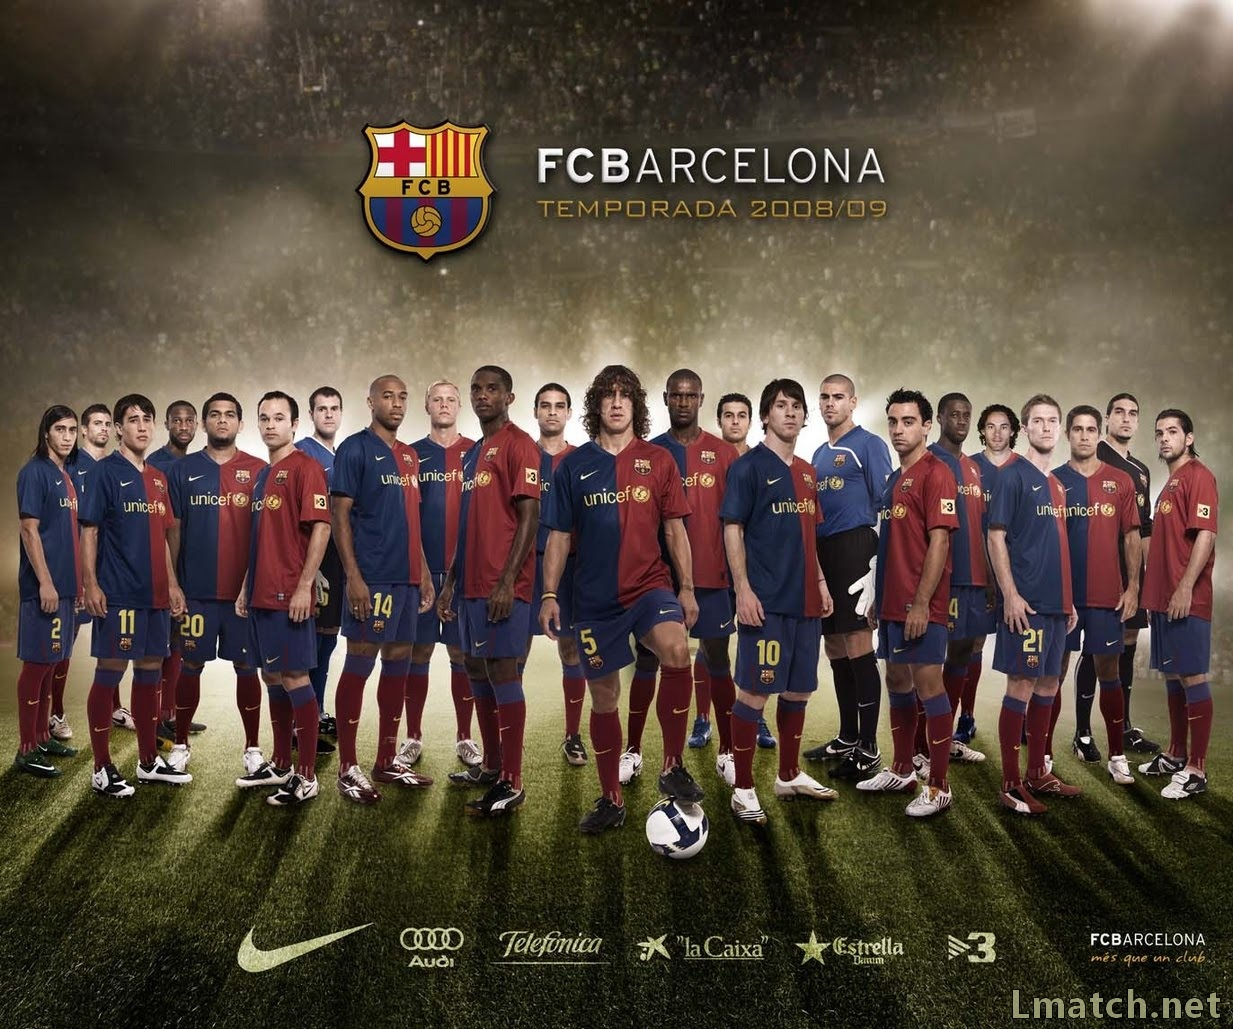 http://2.bp.blogspot.com/-2iCL3E0Ifik/UA9HJPuzwOI/AAAAAAAACdE/H1MPGQZdEuw/s1600/football-soccer-wallpaper_barcelona-team-squad_01_800x600.jpg